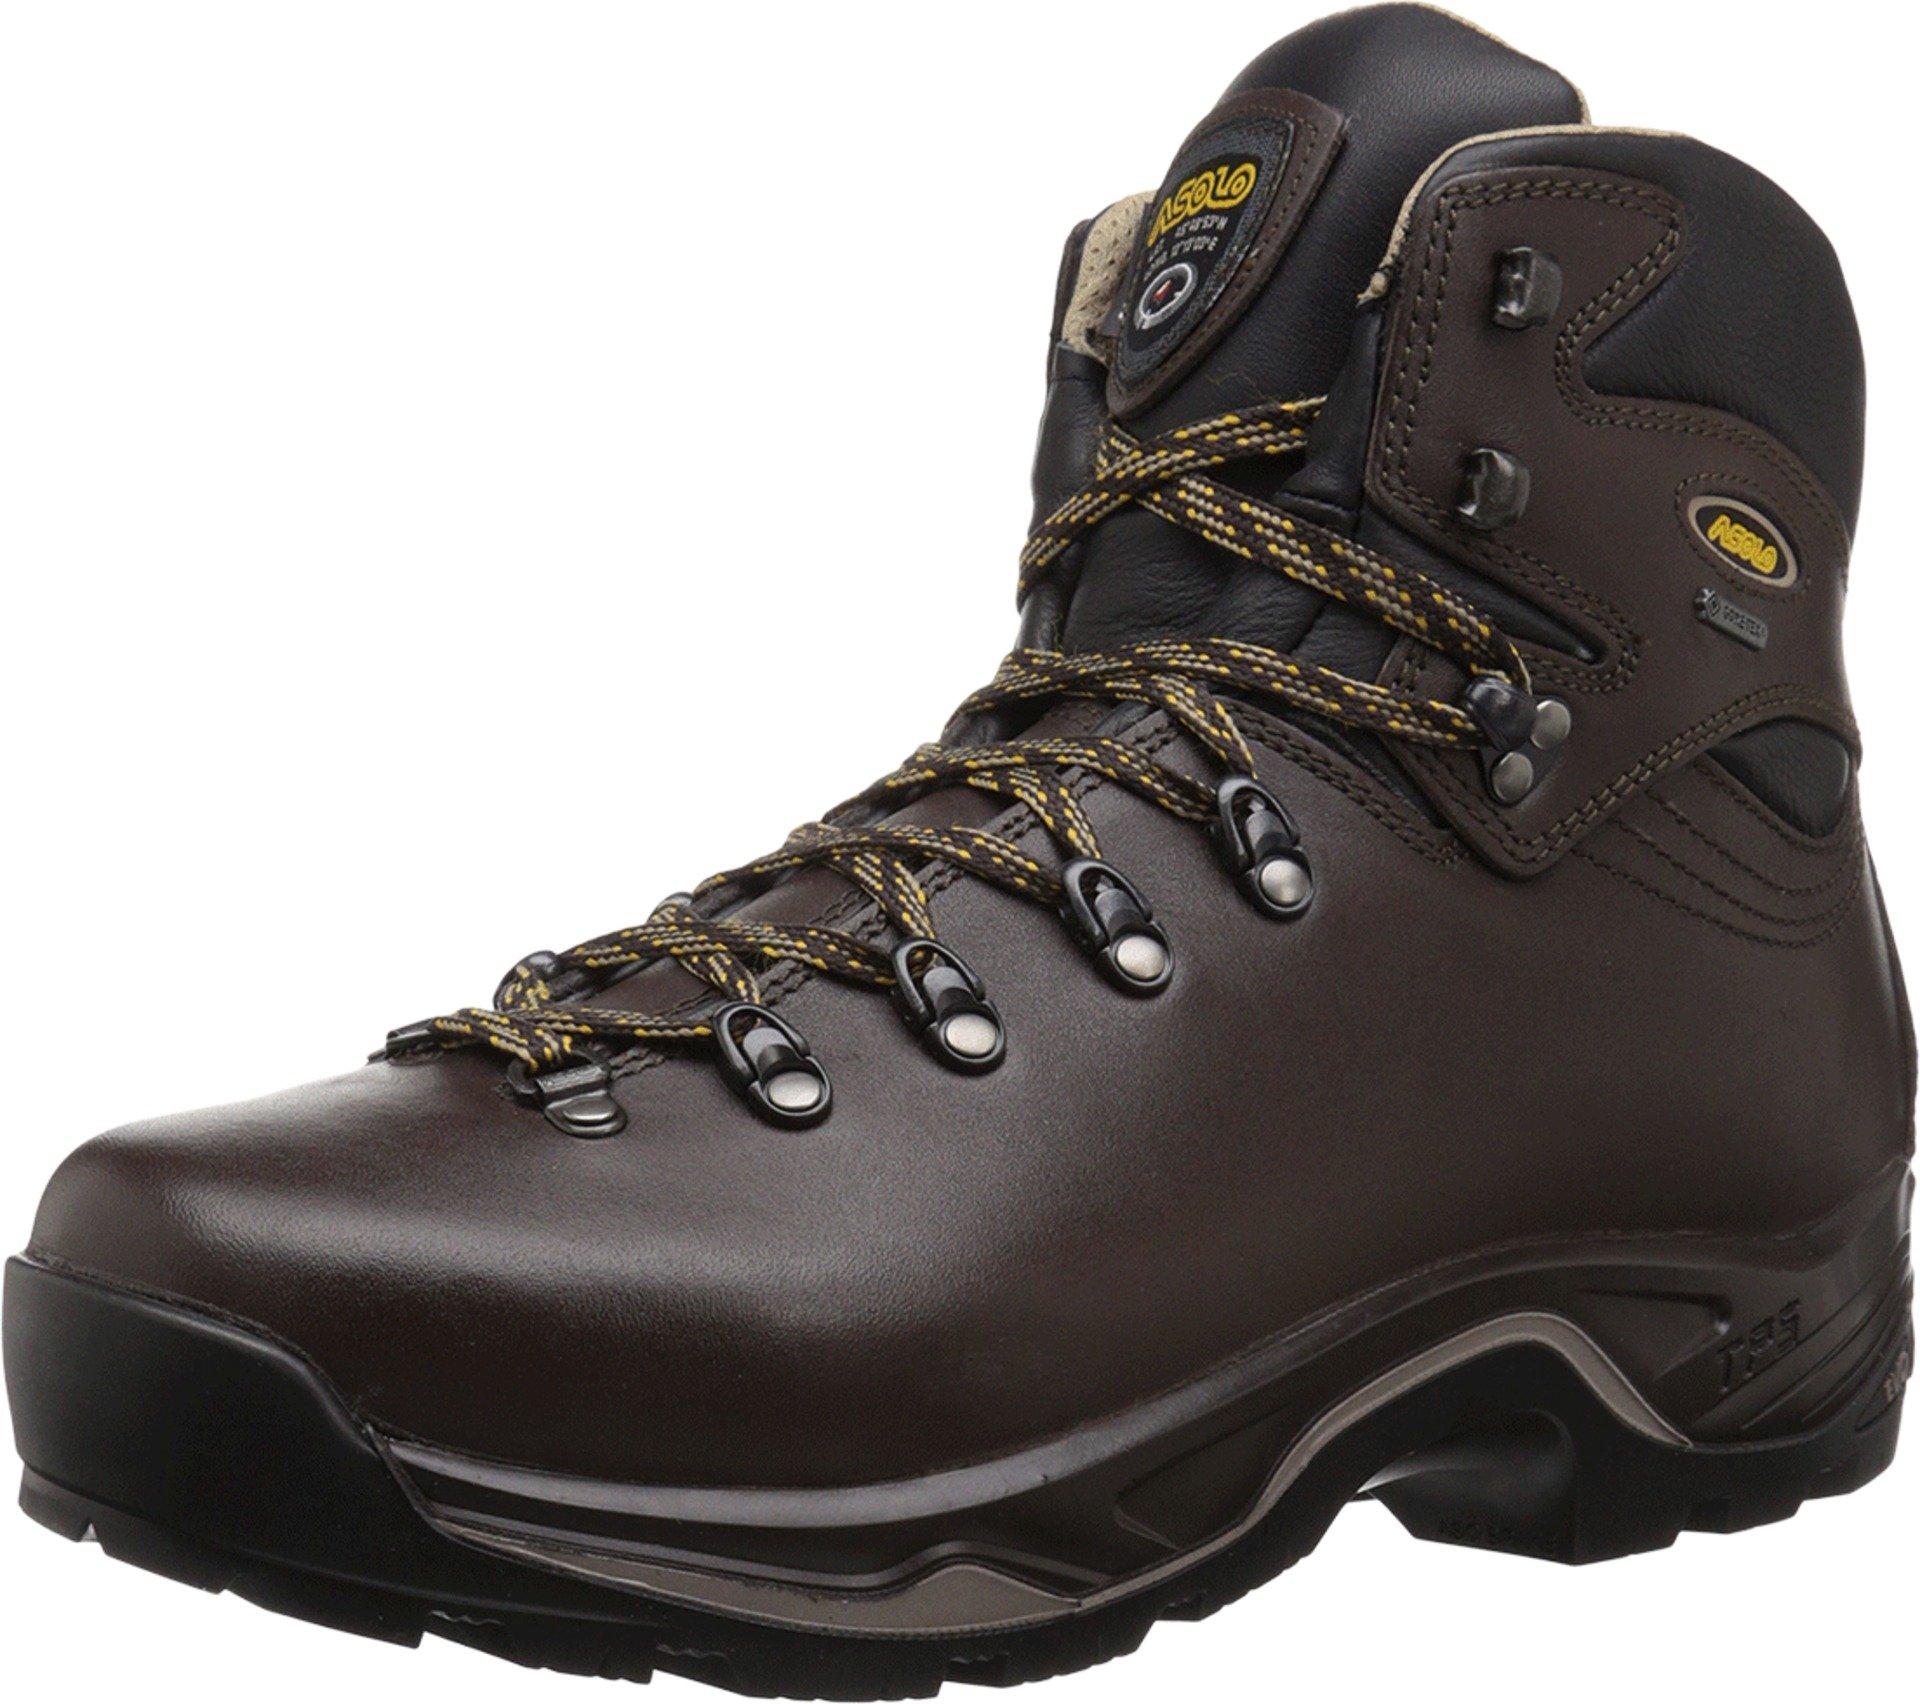 Asolo TPS 520 GV Boot - Men's Chestnut 7